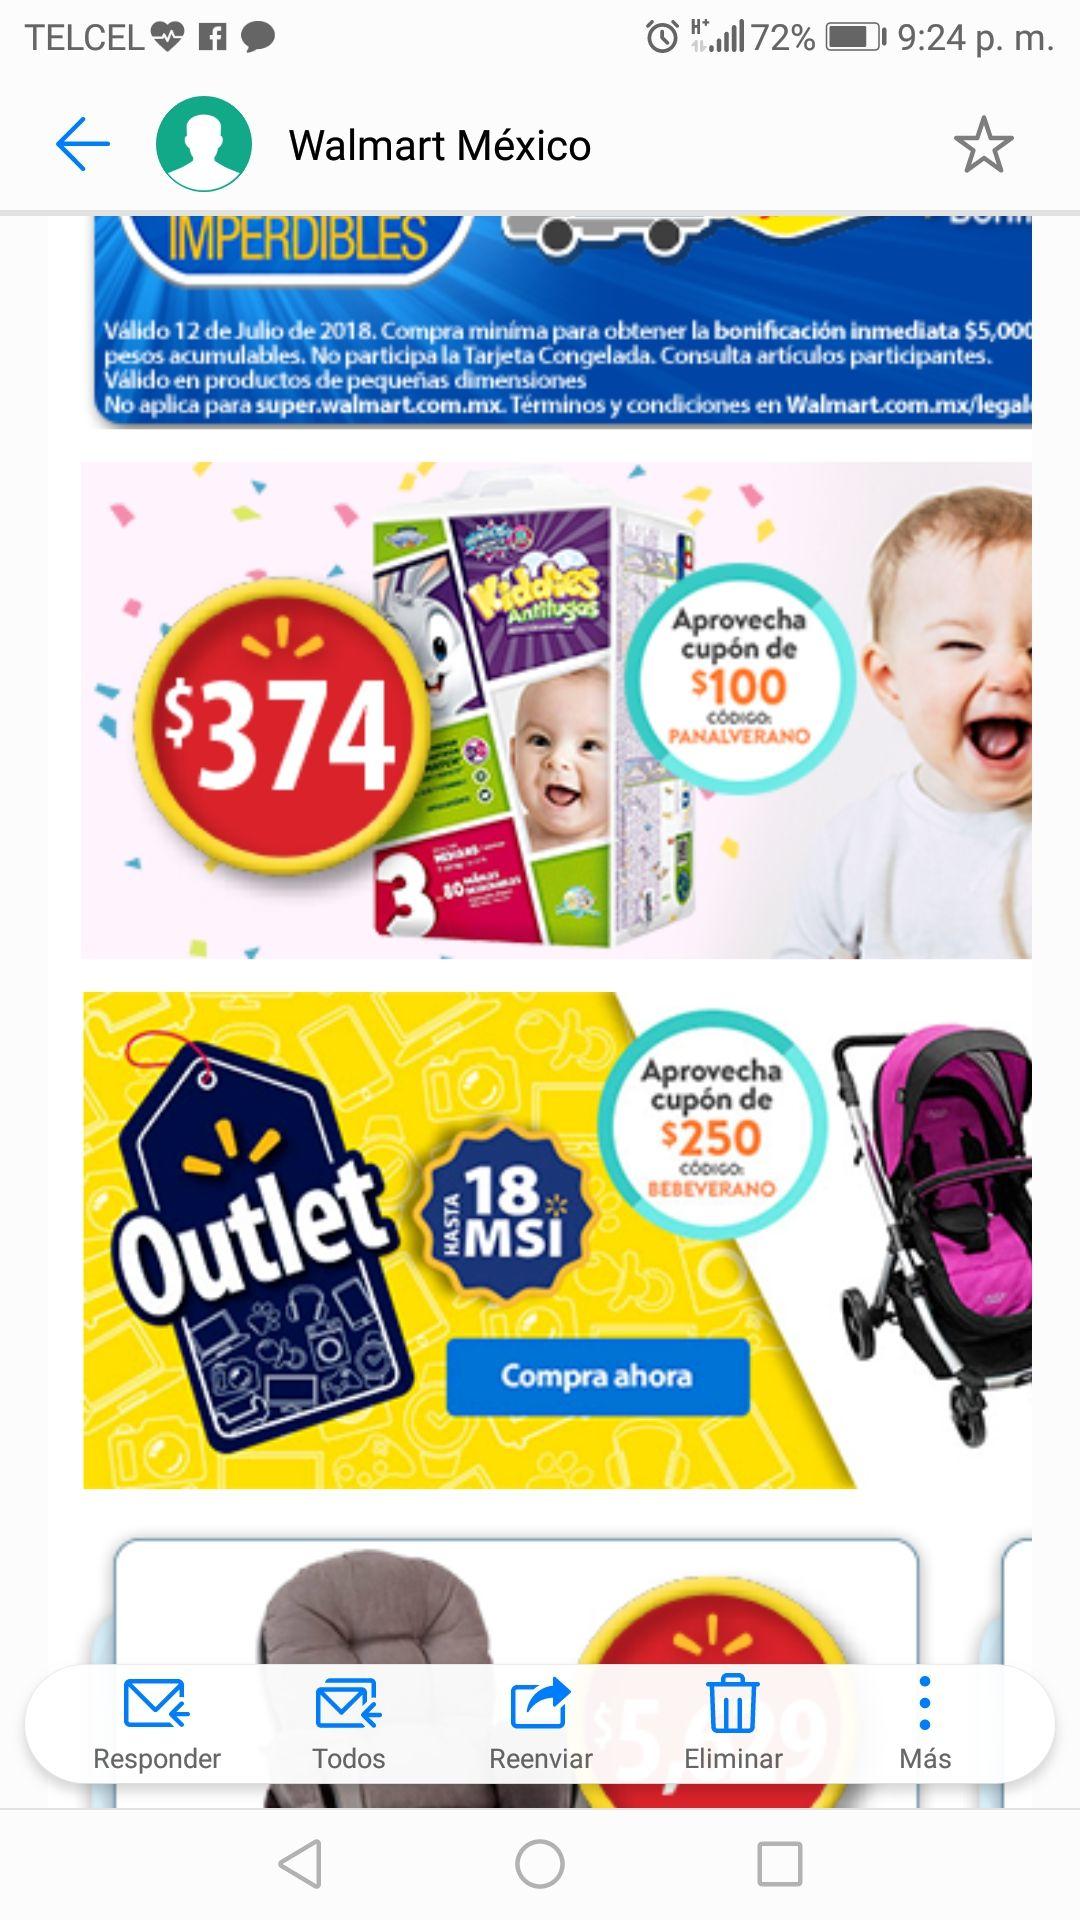 Walmart: Paquetes 3x2 y $100 de bonificación en compra de $1000 en pañales